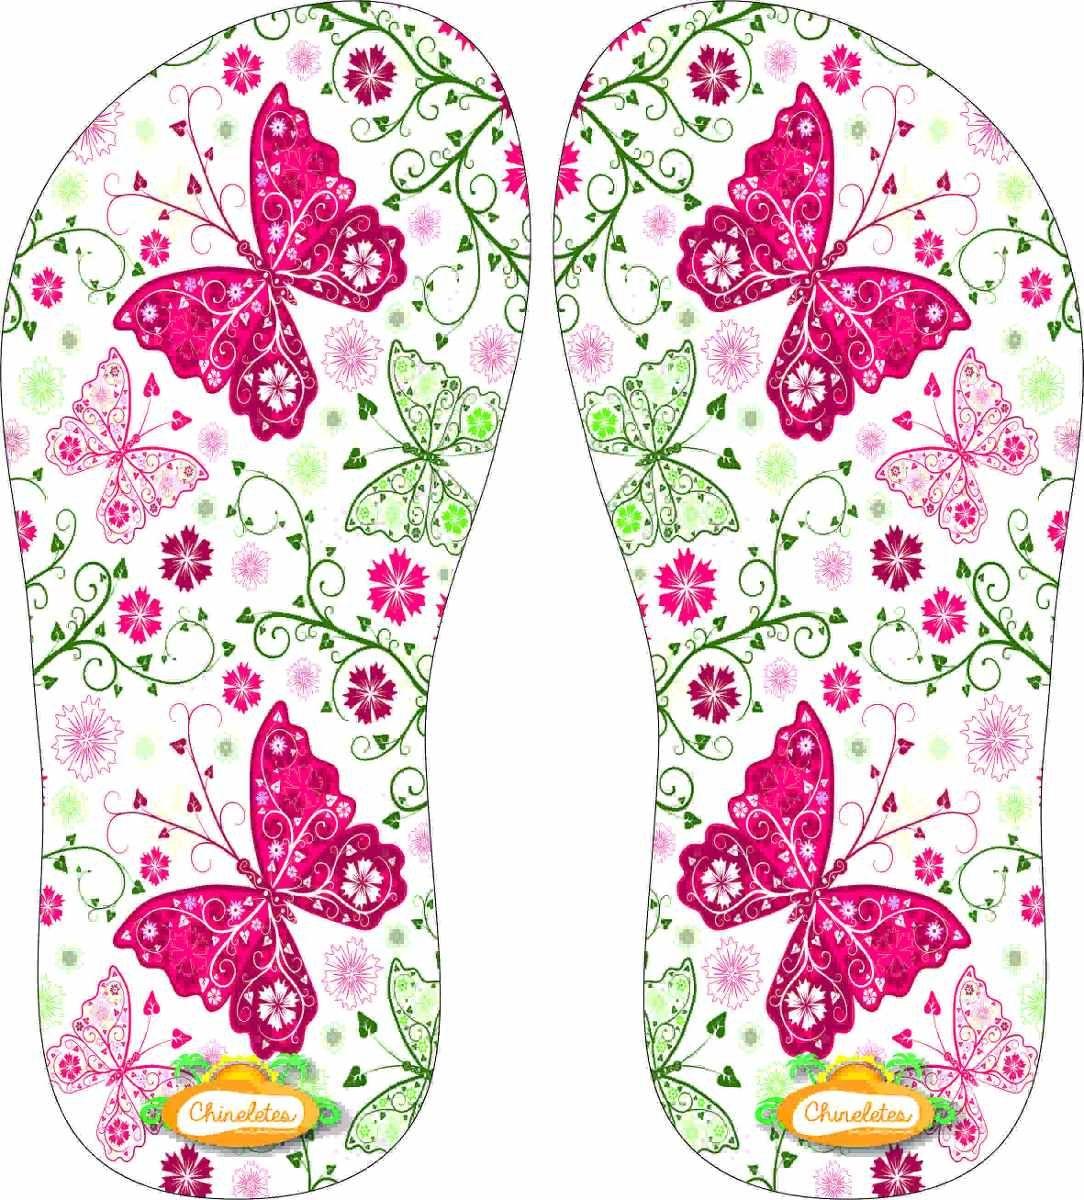 03c3d30820 Resultado de imagem para estampa de chinelo feminino